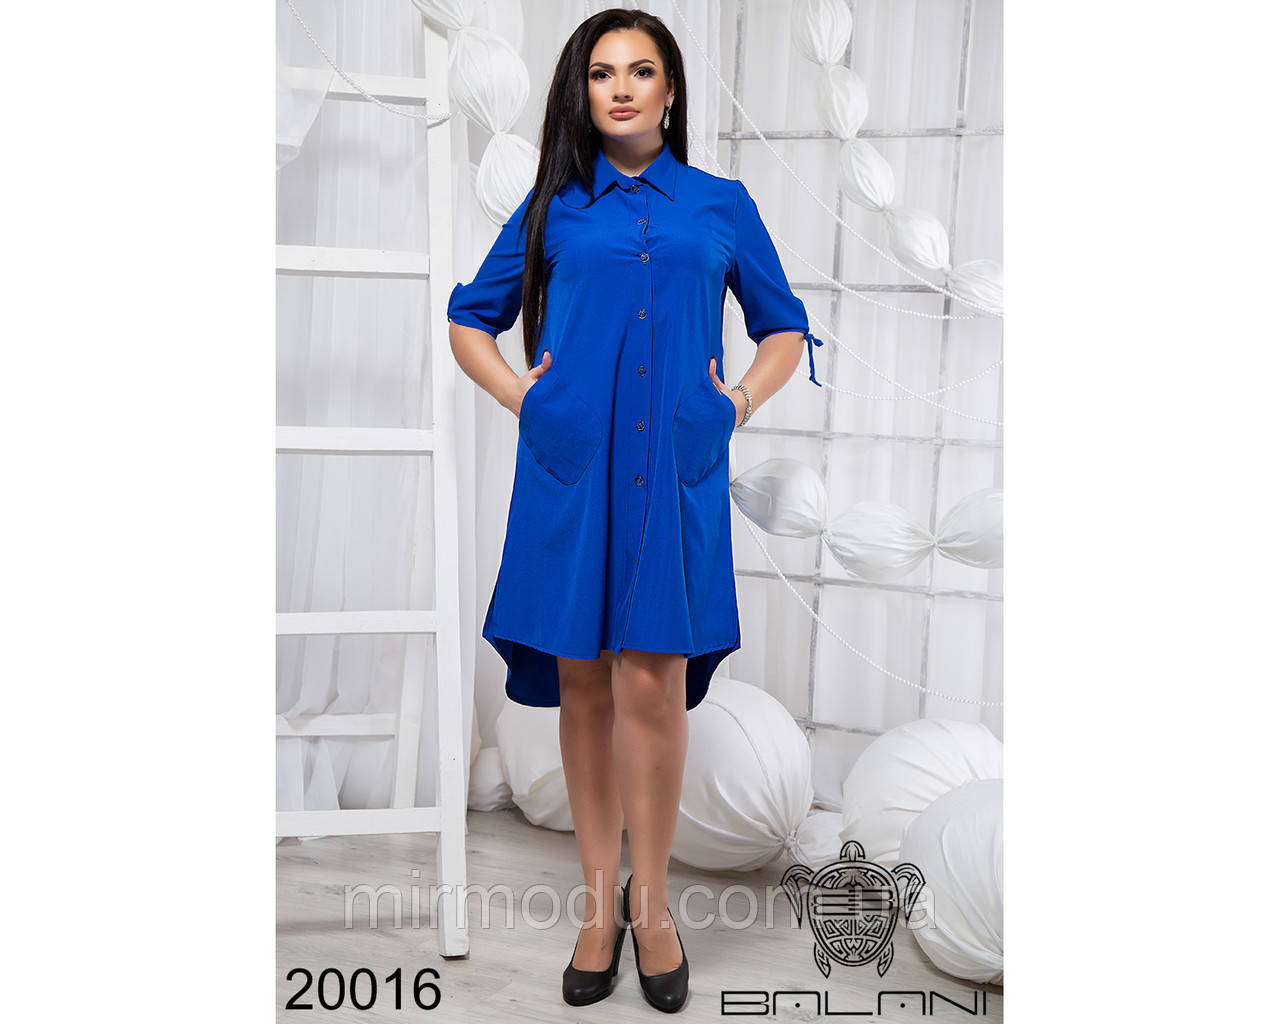 Стильное платье с открытыми плечами - 20016 с 48 по 56 размер бн